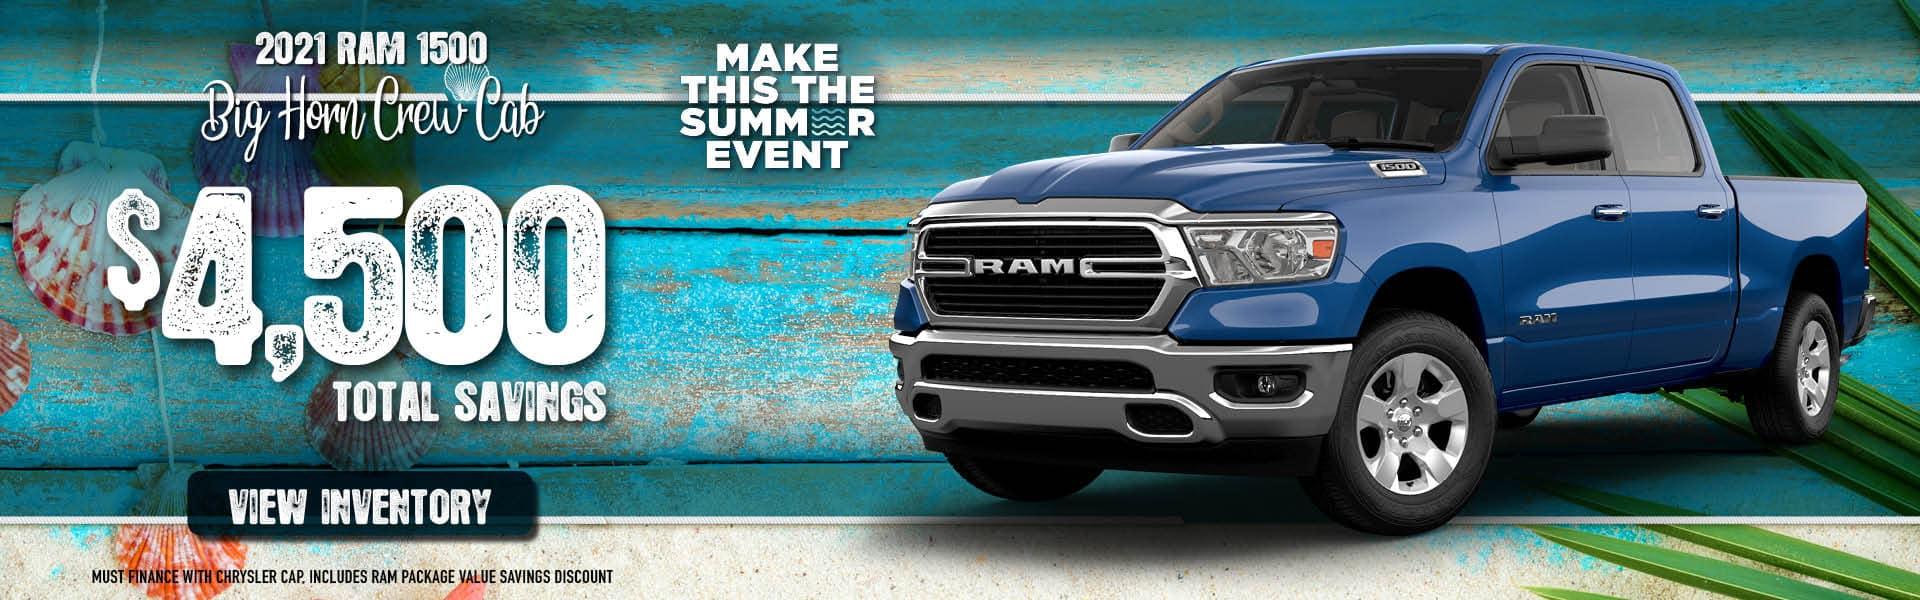 2021 RAM 1500 Big Horn